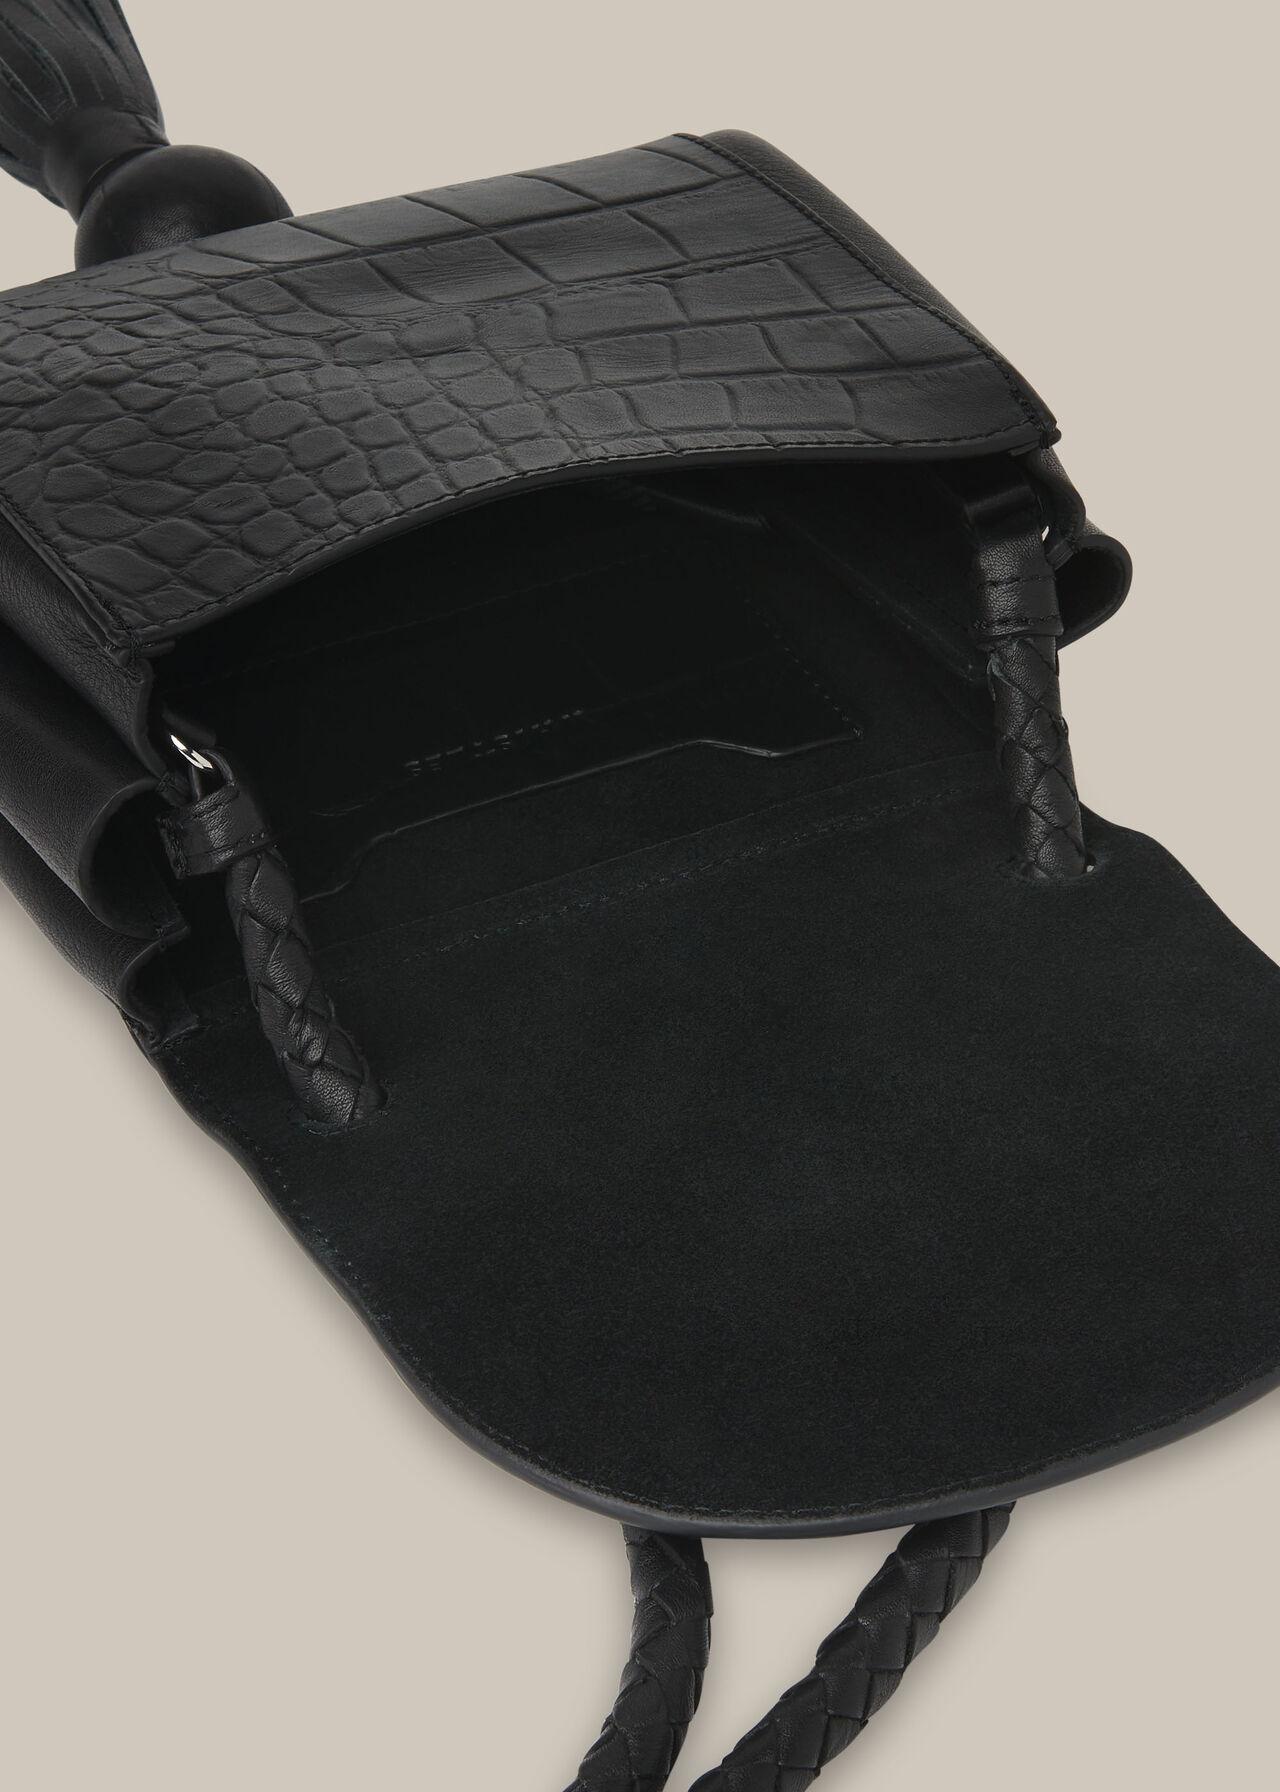 Arden Croc Tassel Bag